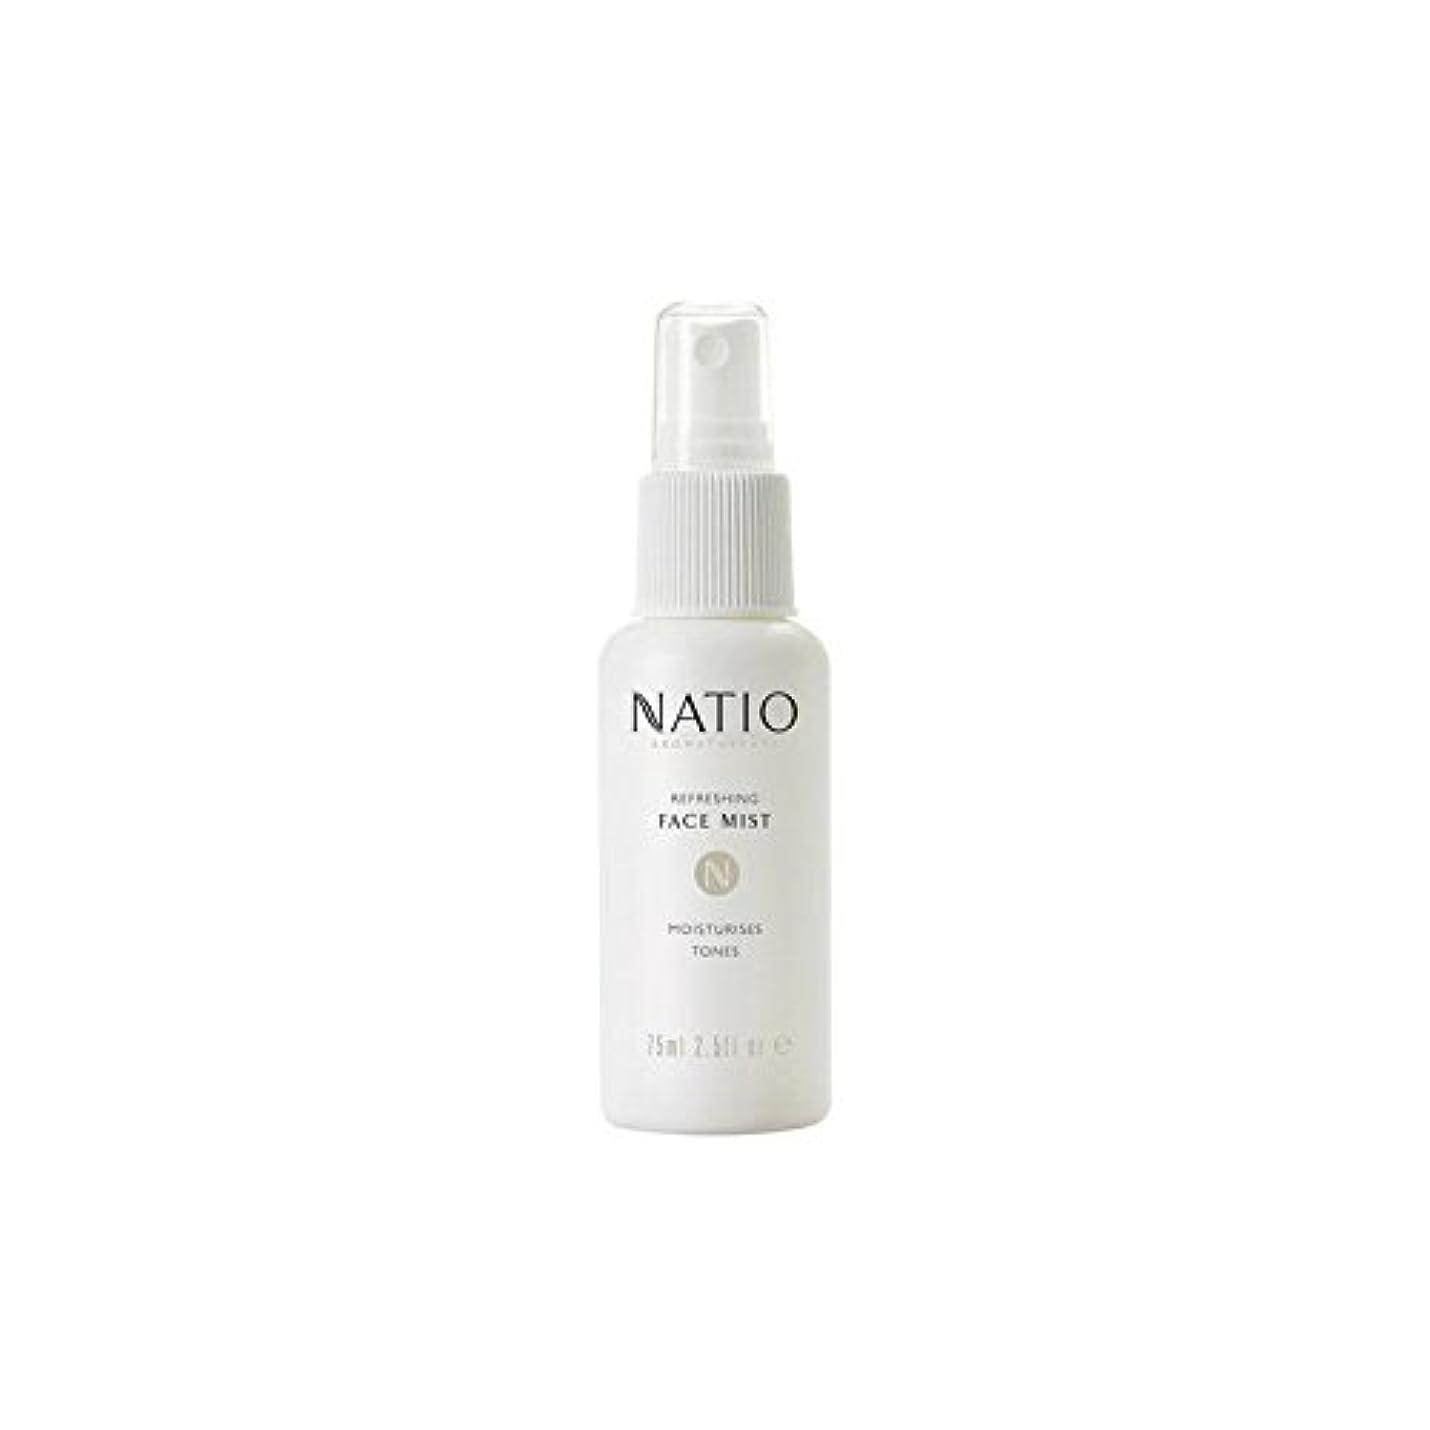 さわやかな顔ミスト(75ミリリットル) x4 - Natio Refreshing Face Mist (75ml) (Pack of 4) [並行輸入品]